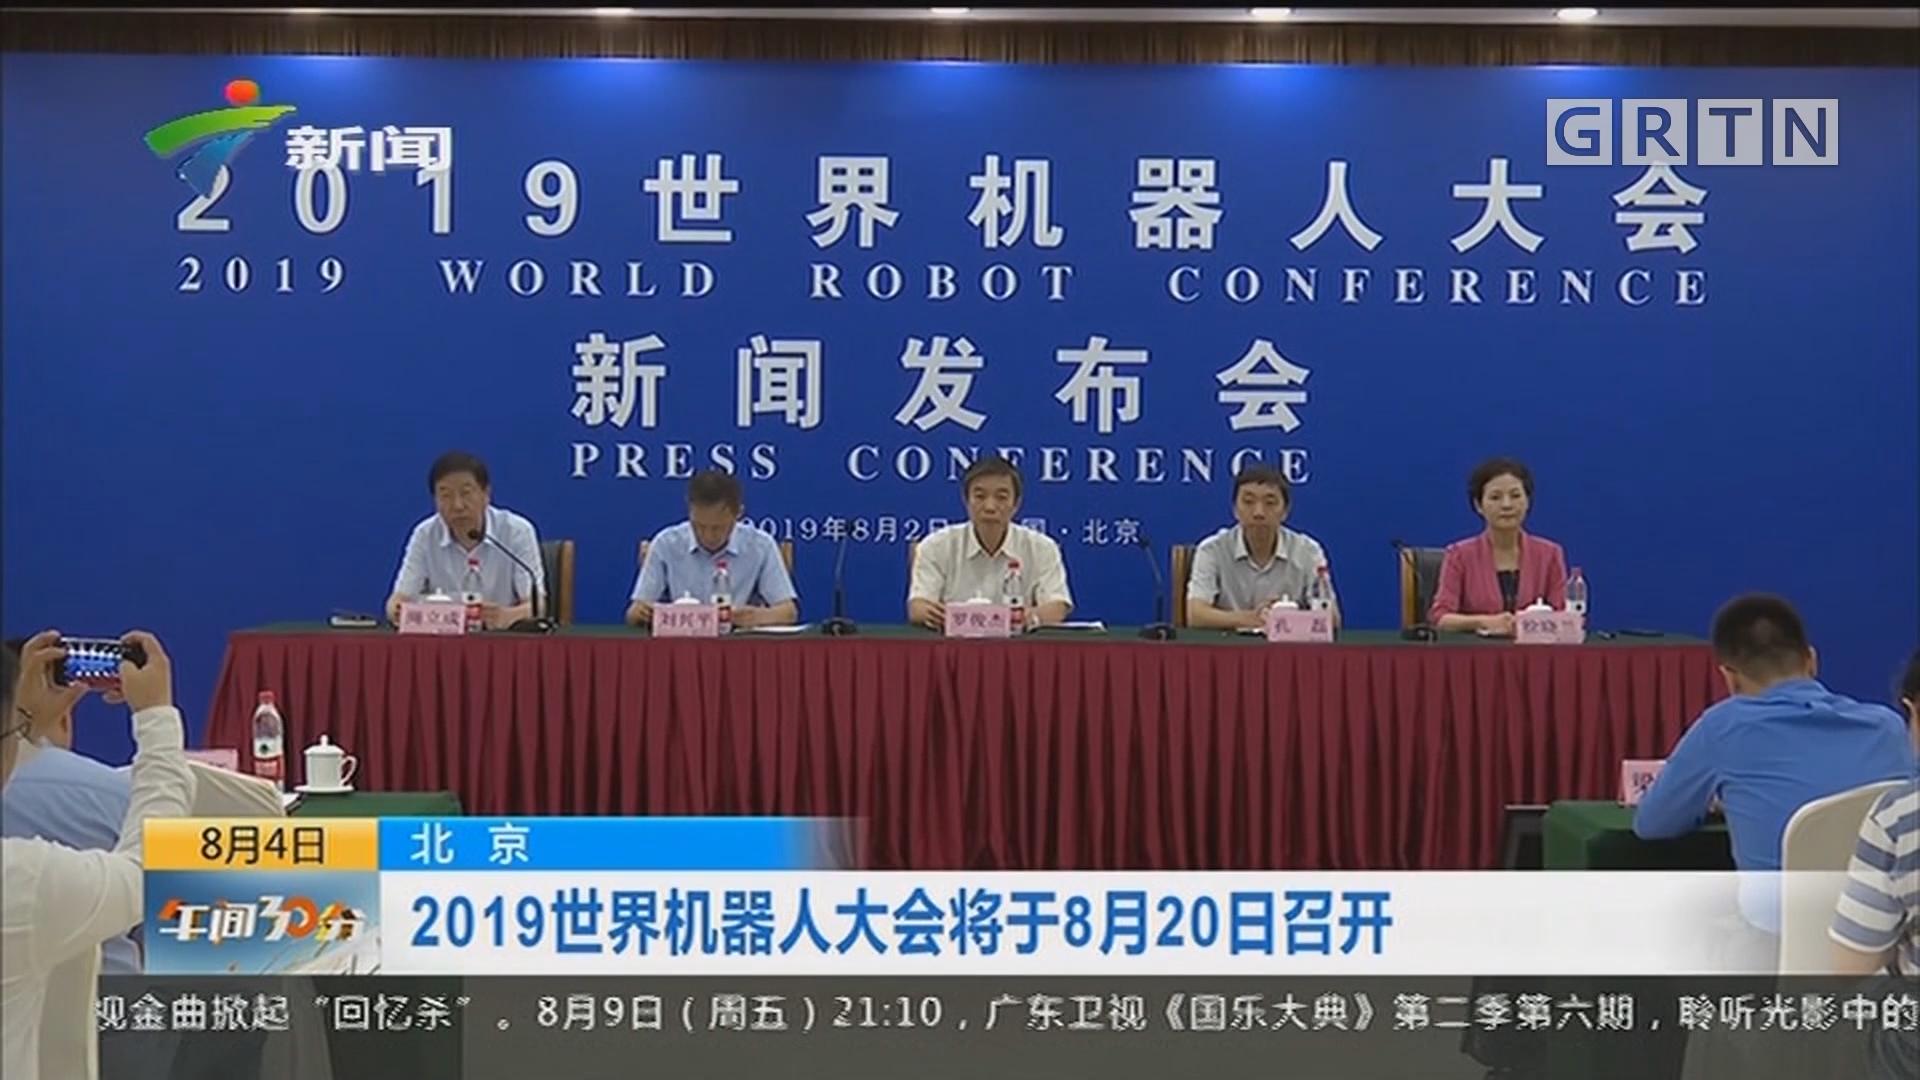 北京:2019世界机器人大会将于8月20日召开